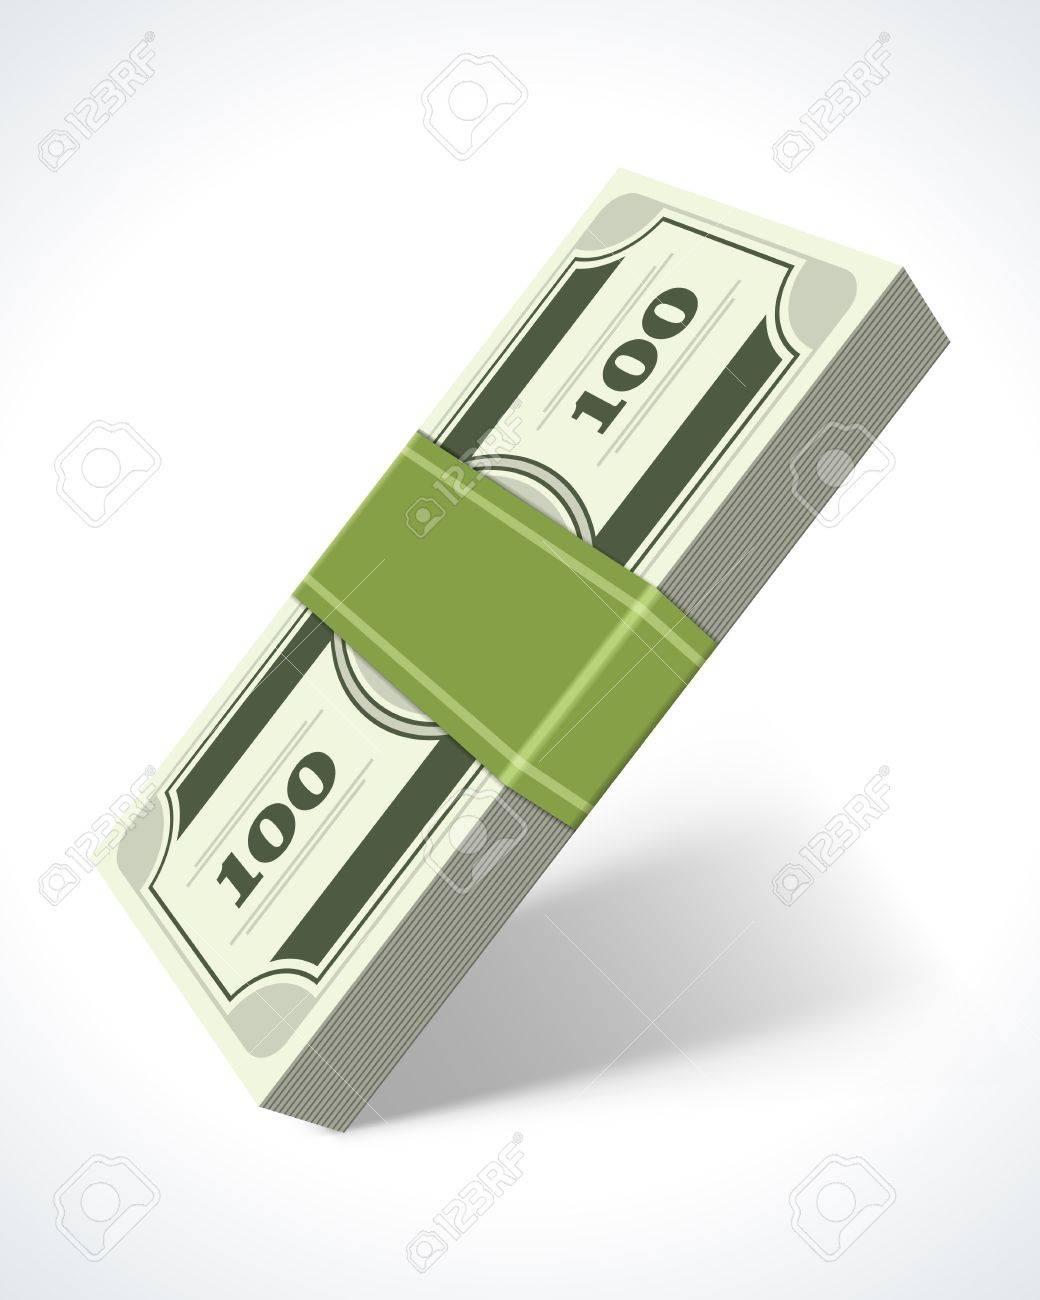 Dollars money in perspective vector design element Stock Vector - 14760758